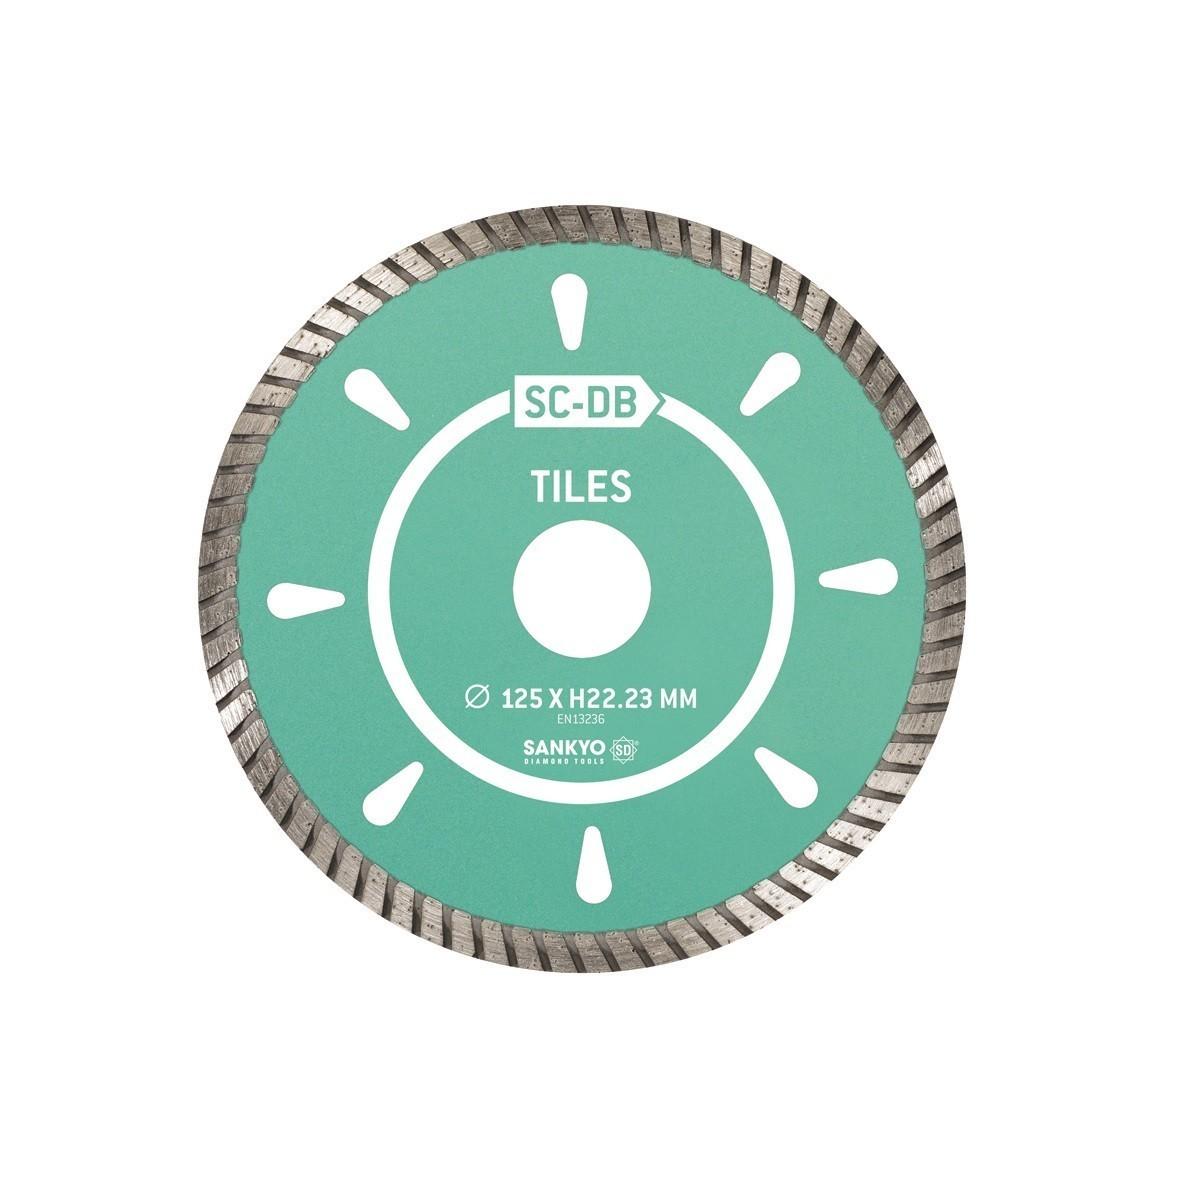 Sankyo SC-DB Ø22.2x115 mm